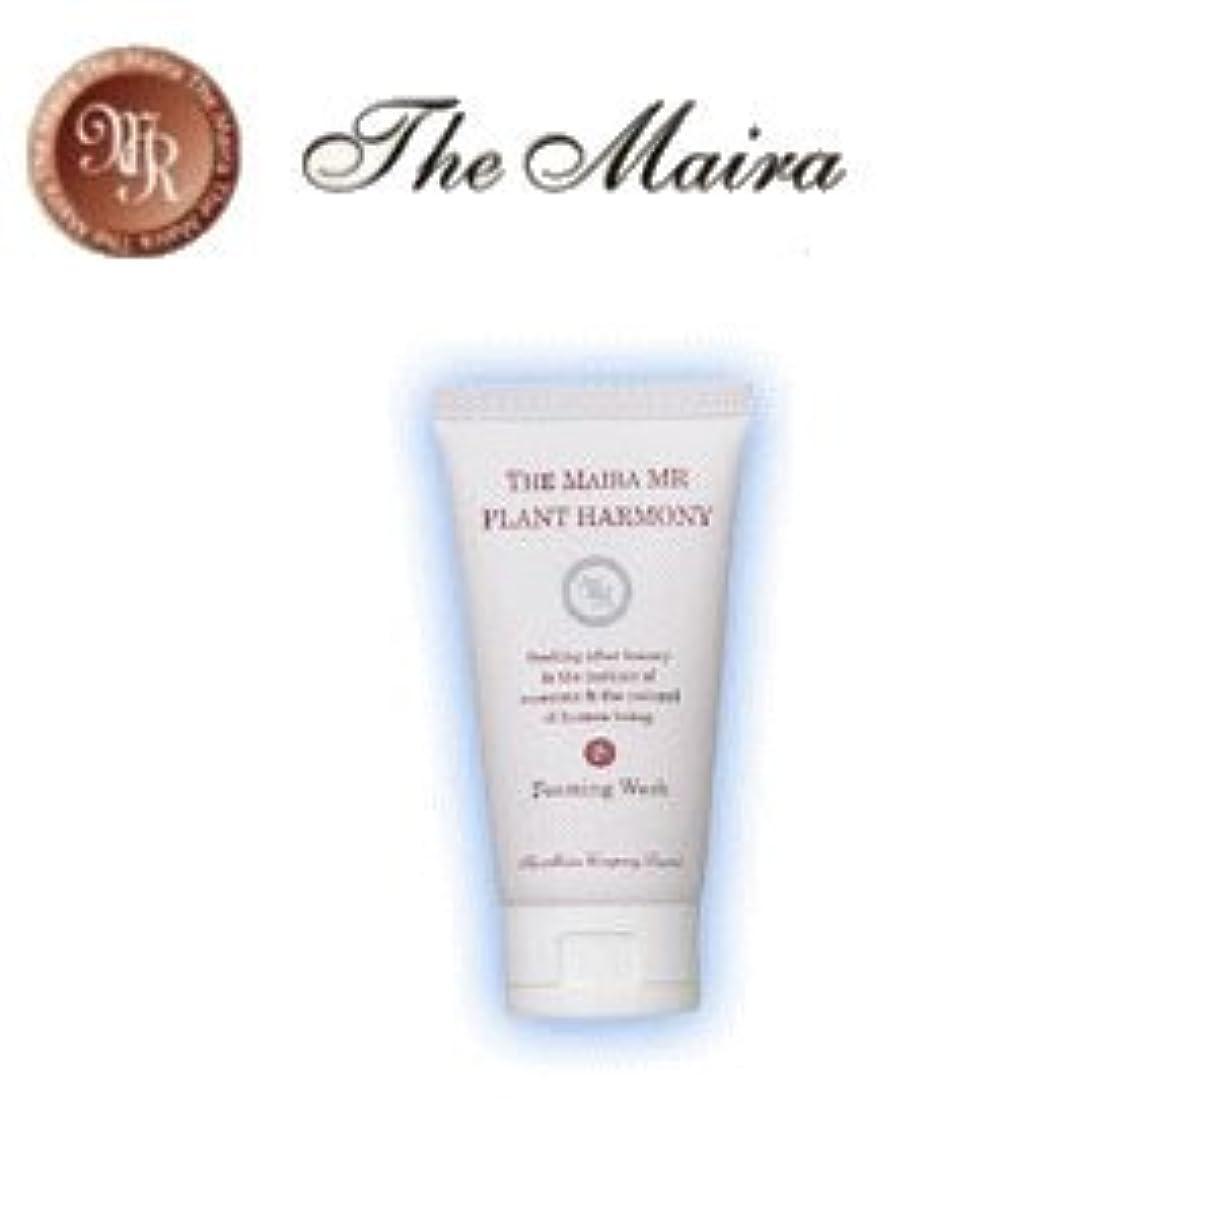 うん共和国時間The Maira(ザ マイラ) MRプランタハーモニーフォーミングウォッシュ85g 美容 洗顔フェイシャル